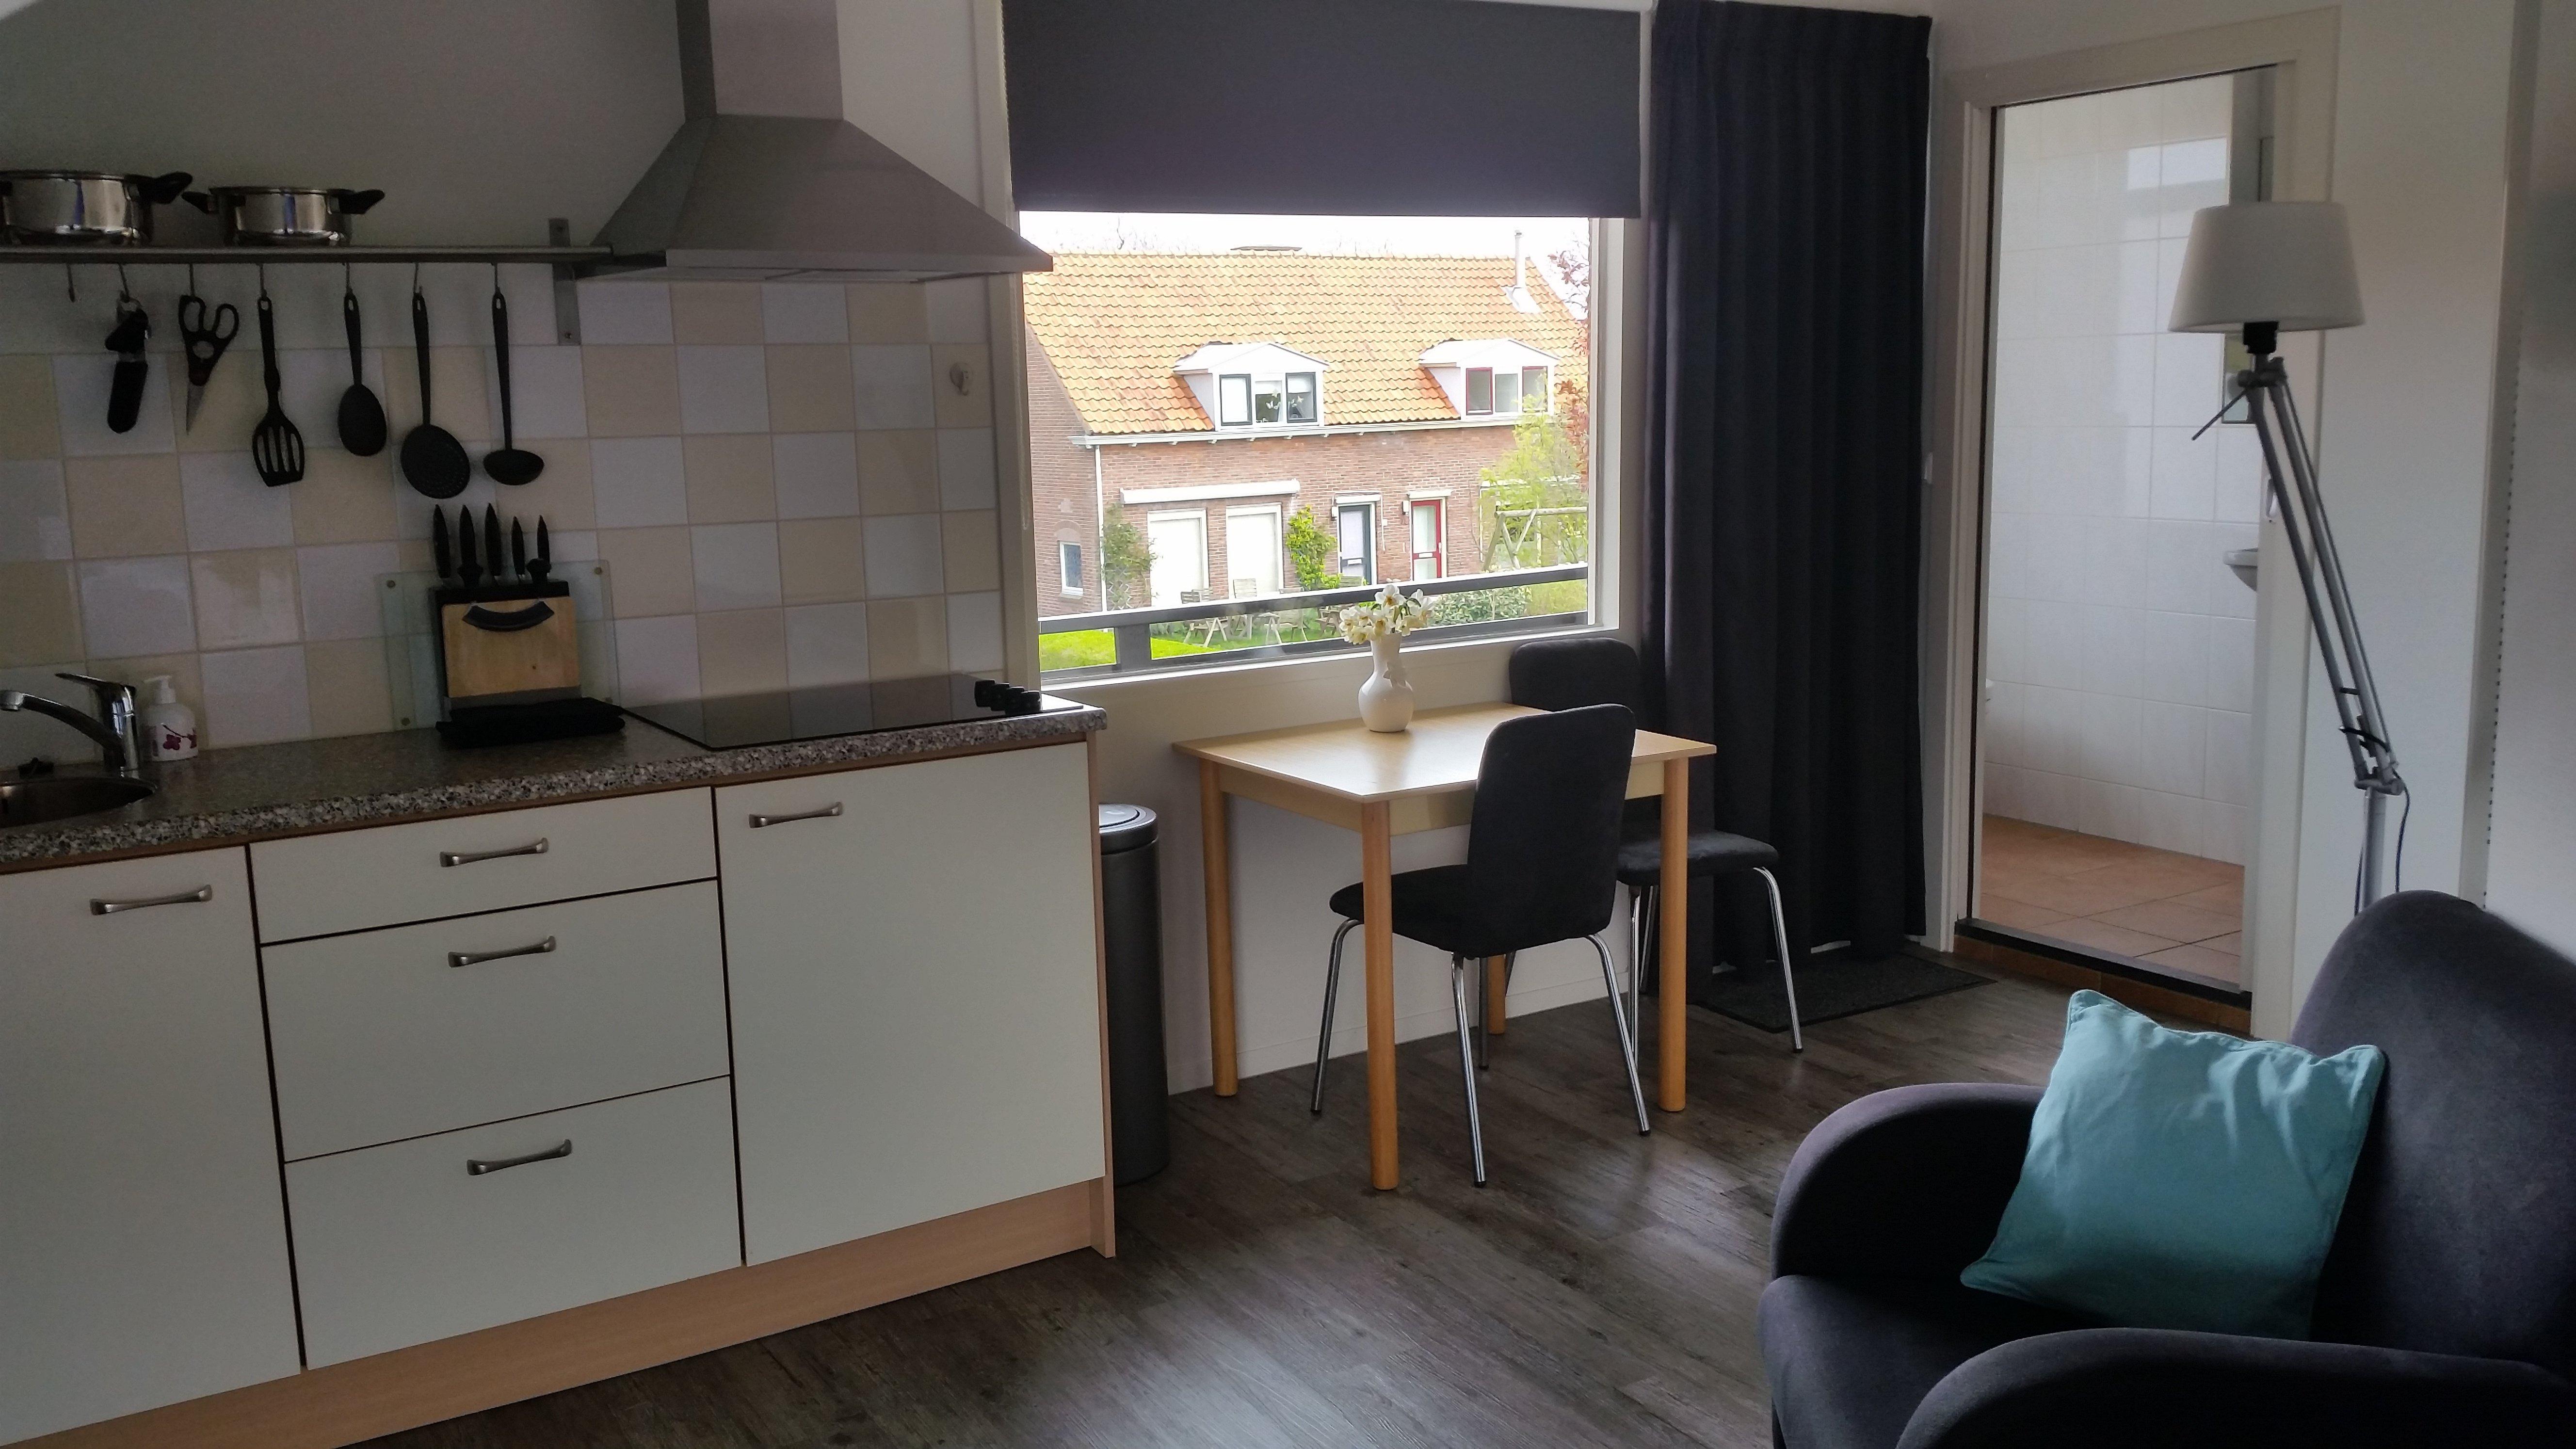 Appartementen fam wiersma den burg boek online bed and breakfast nederland - Serveren eiland keuken ...